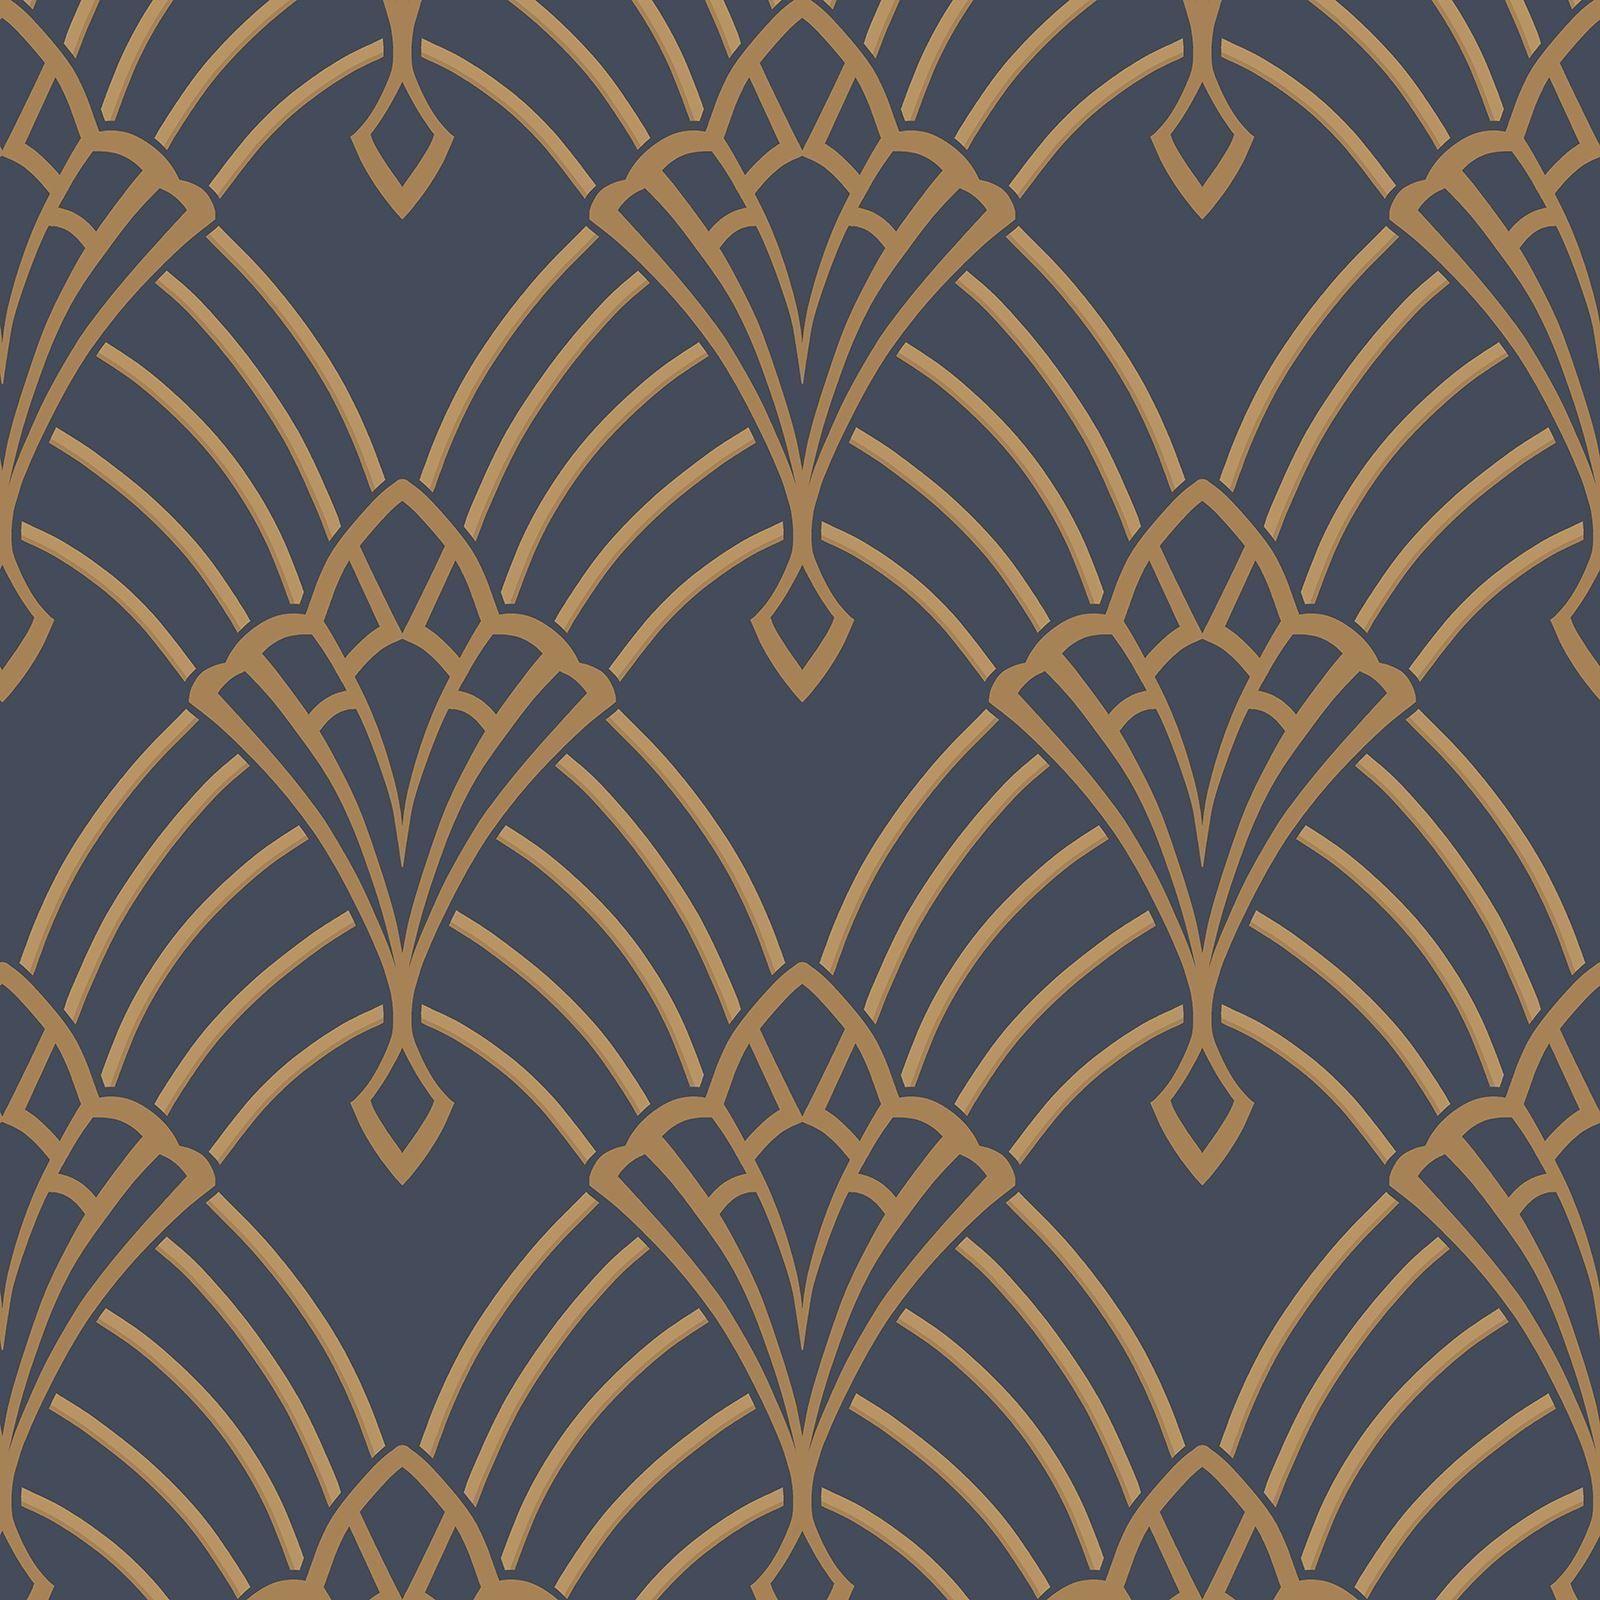 Astoria Art Déco Papier Peint Rouleaux Bleu Foncé / Doré